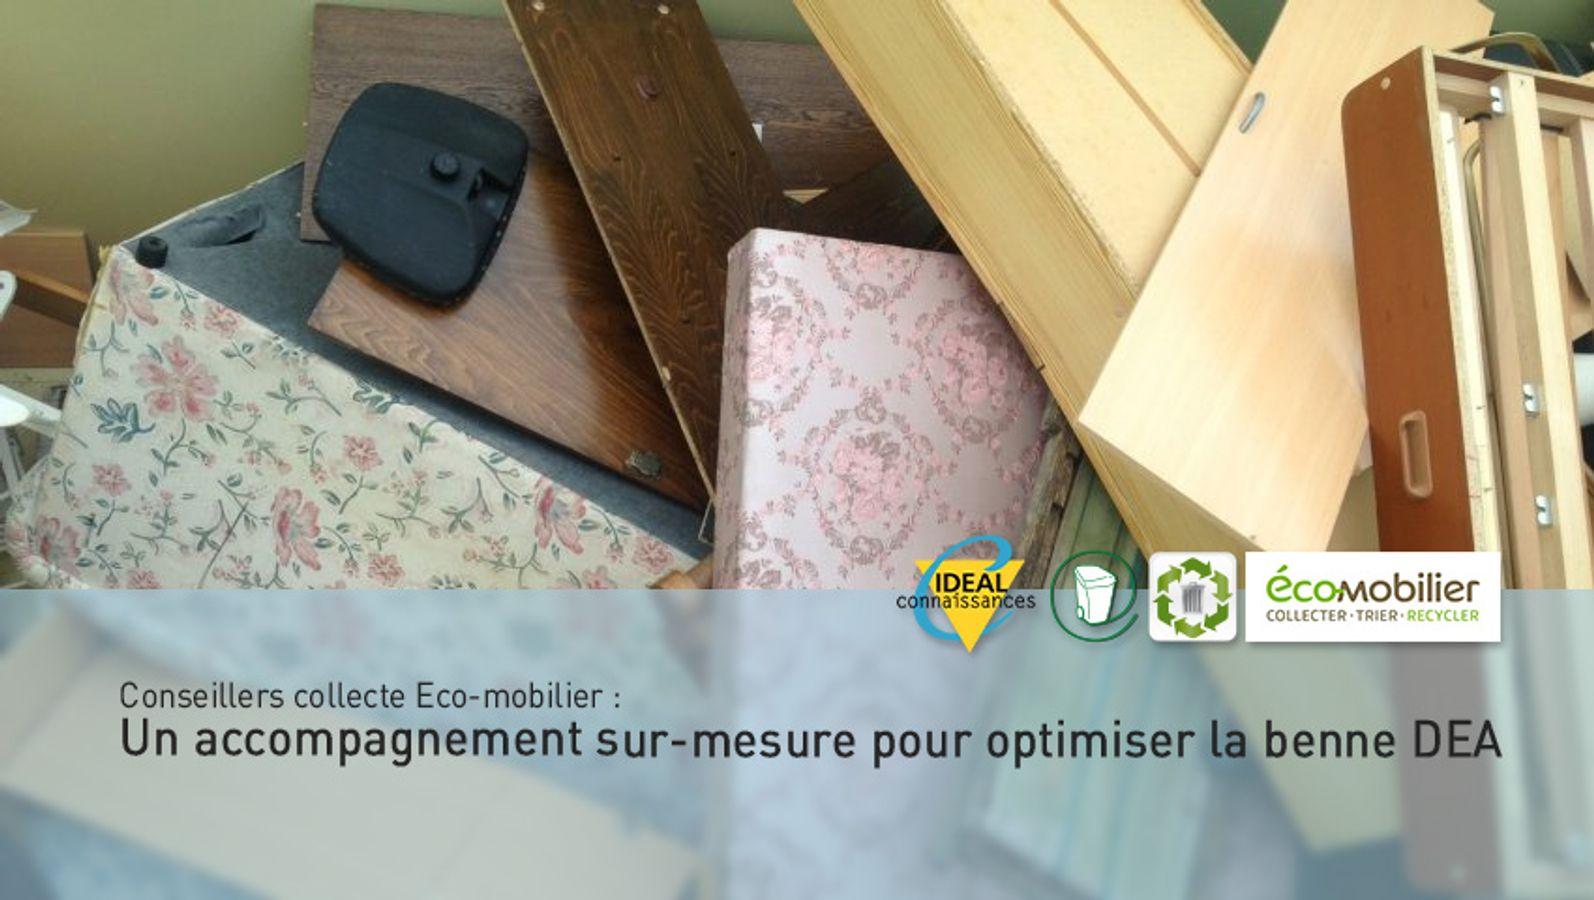 Conseillers collecte Eco-mobilier : Un accompagnement sur-mesure pour optimiser la benne DEA